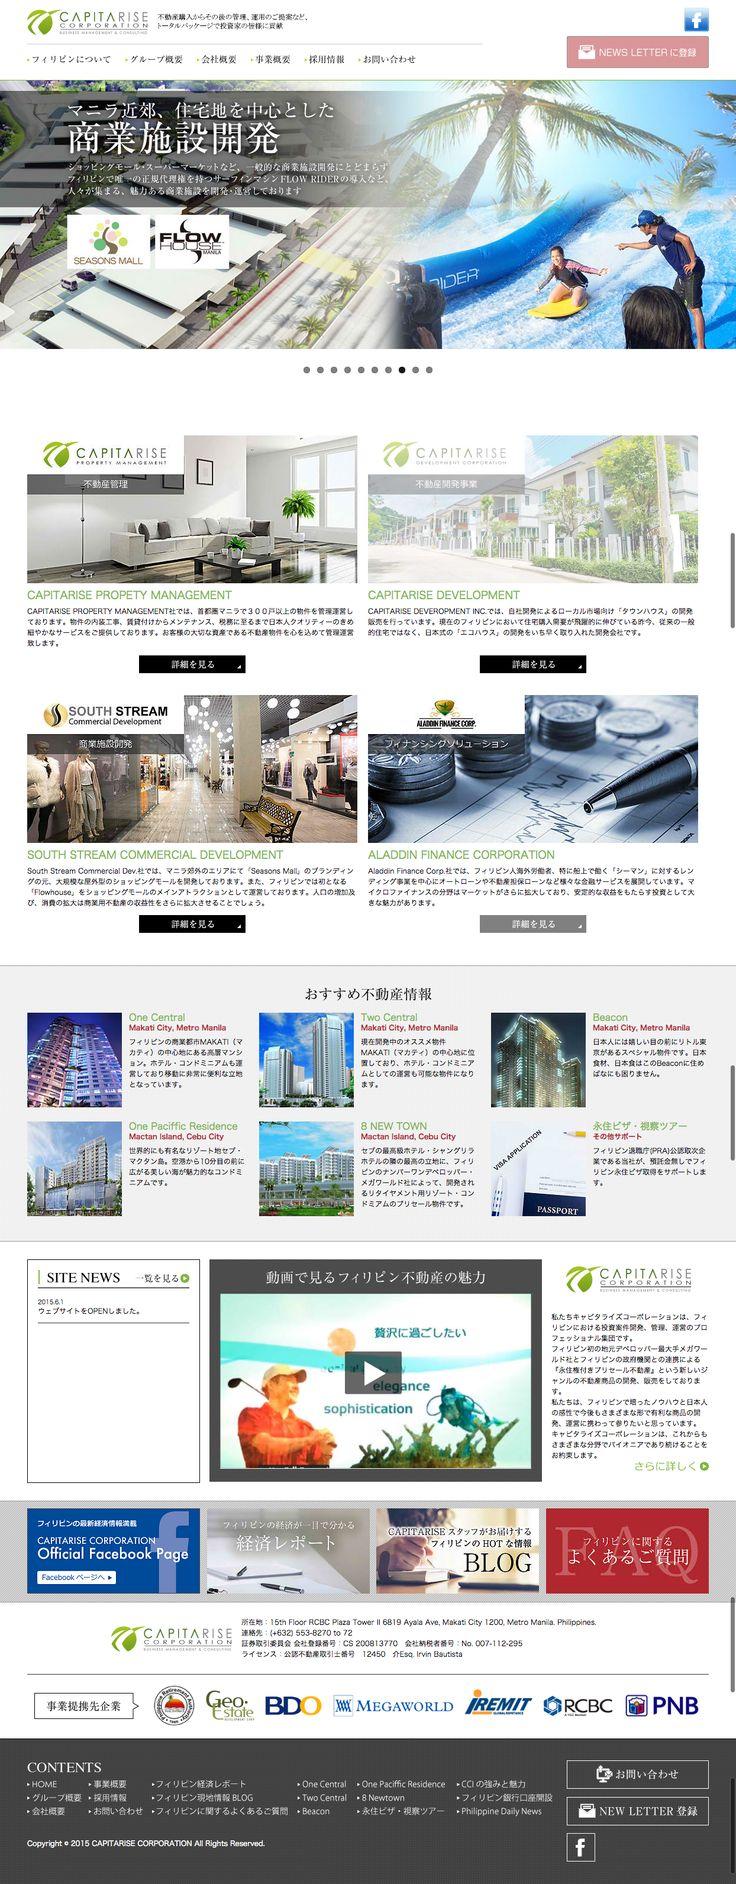 【WEBサイト制作】CAPITARIDE HOLDING様のWEBサイト制作をさせていただきました。フィリピン圧倒的No.1の不動産企業で、不動産販売、不動産管理、賃貸、運用、ショッピングモール建設、デベロップメント、金融と幅広く事業展開している企業様です。ページ数20と事細かく制作しております。